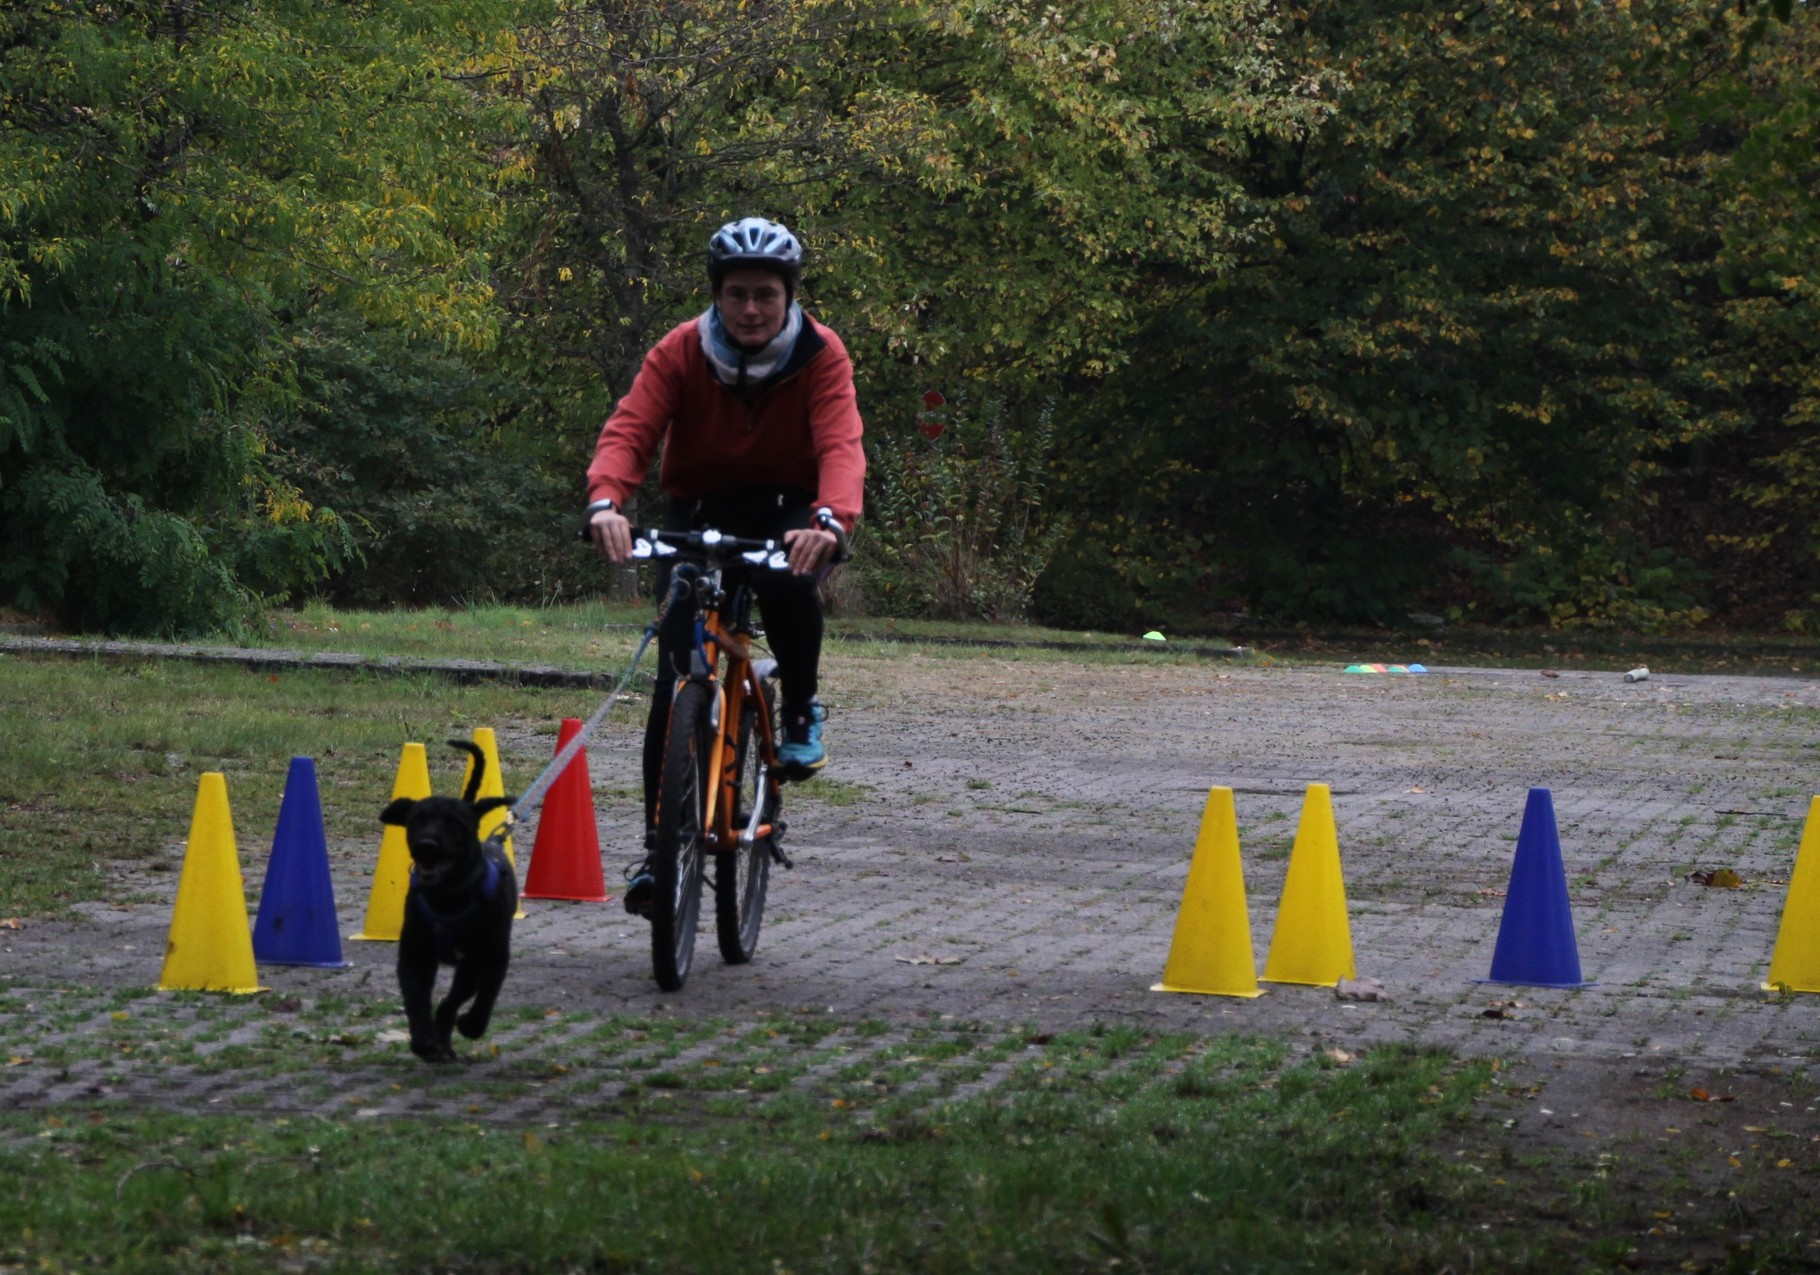 Rennvorbereitungen - zwischen Hindernissen durch